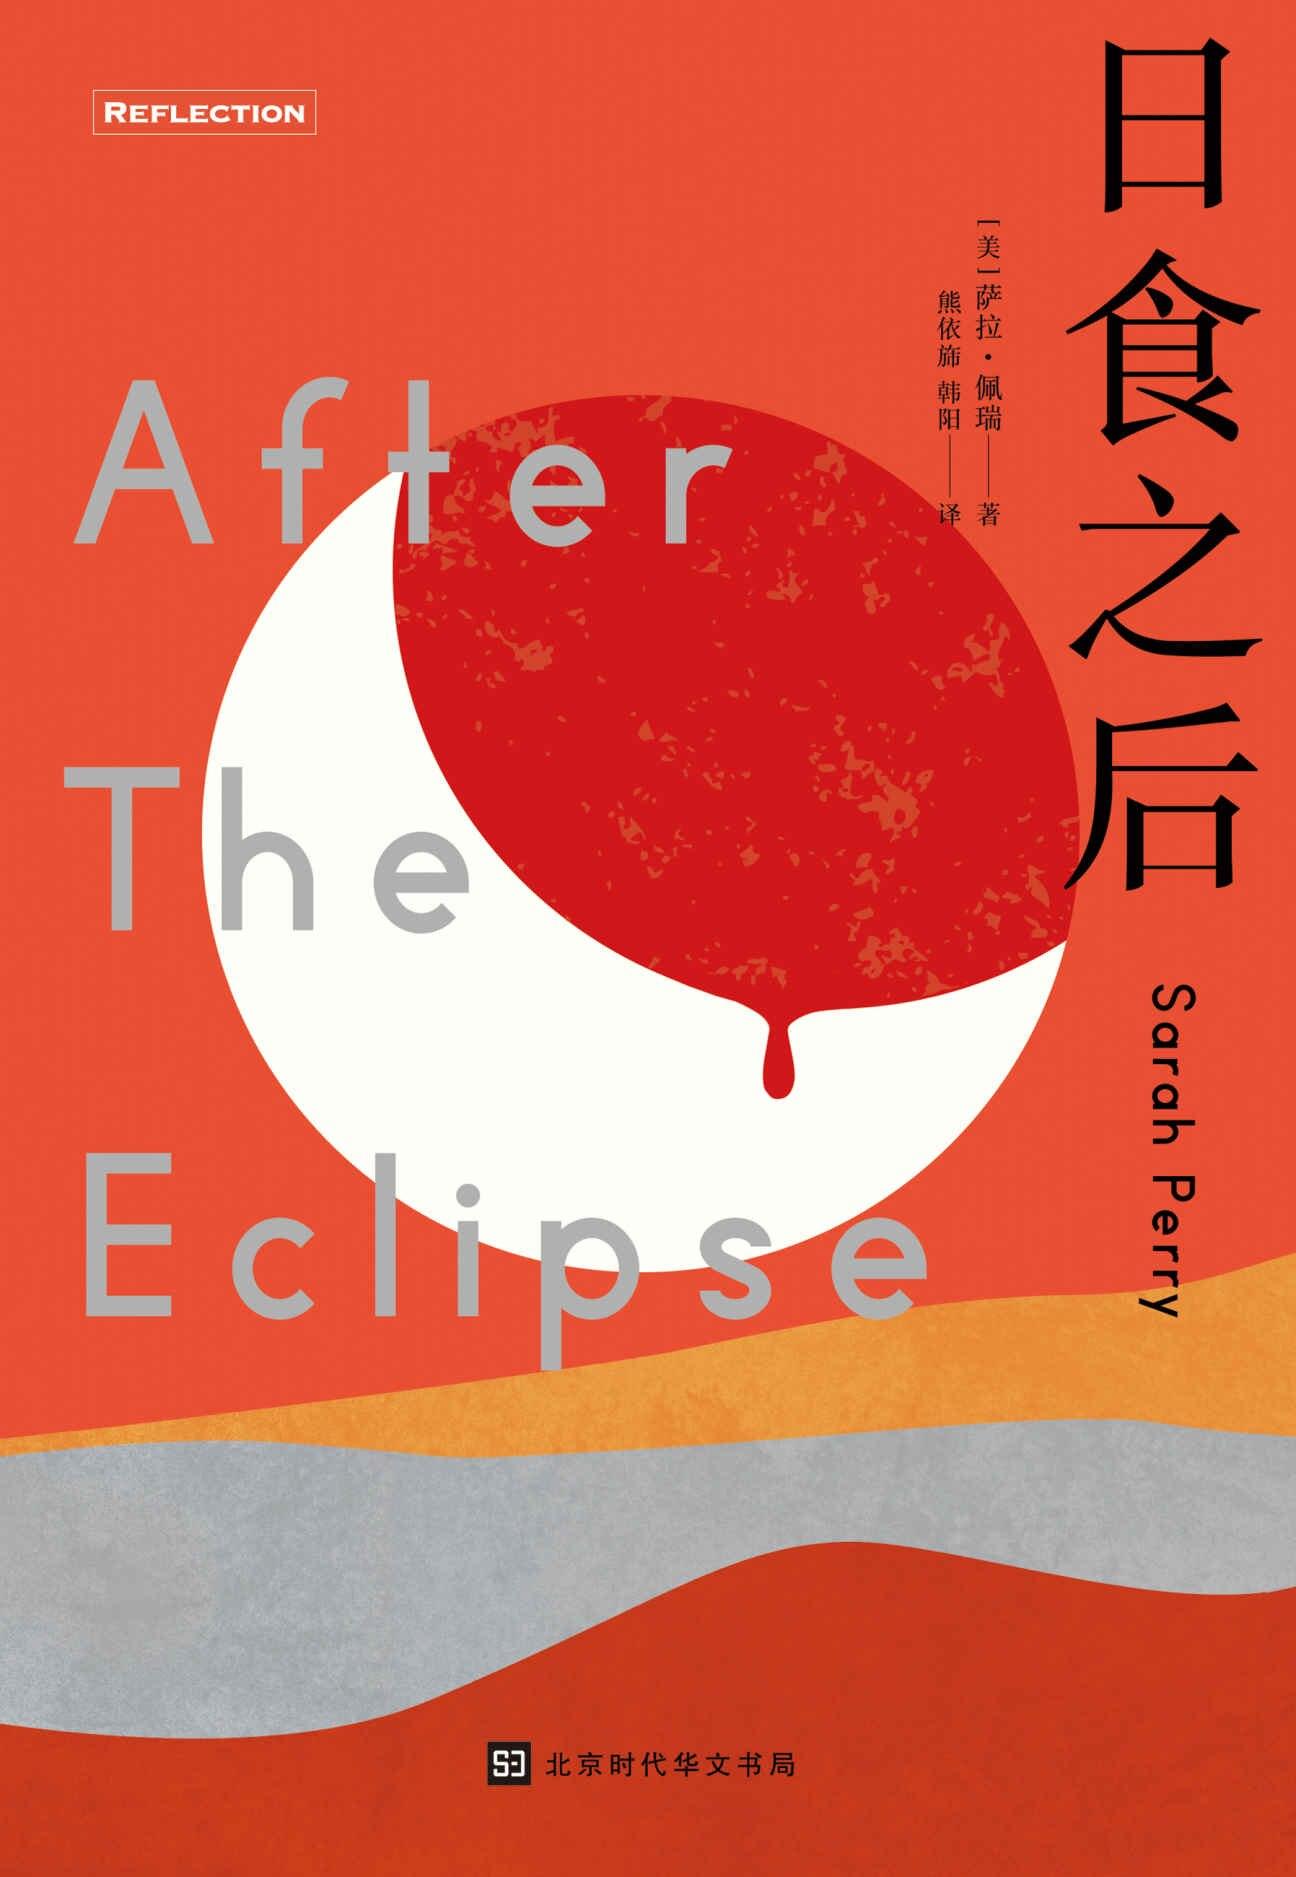 《日食之后》封面图片